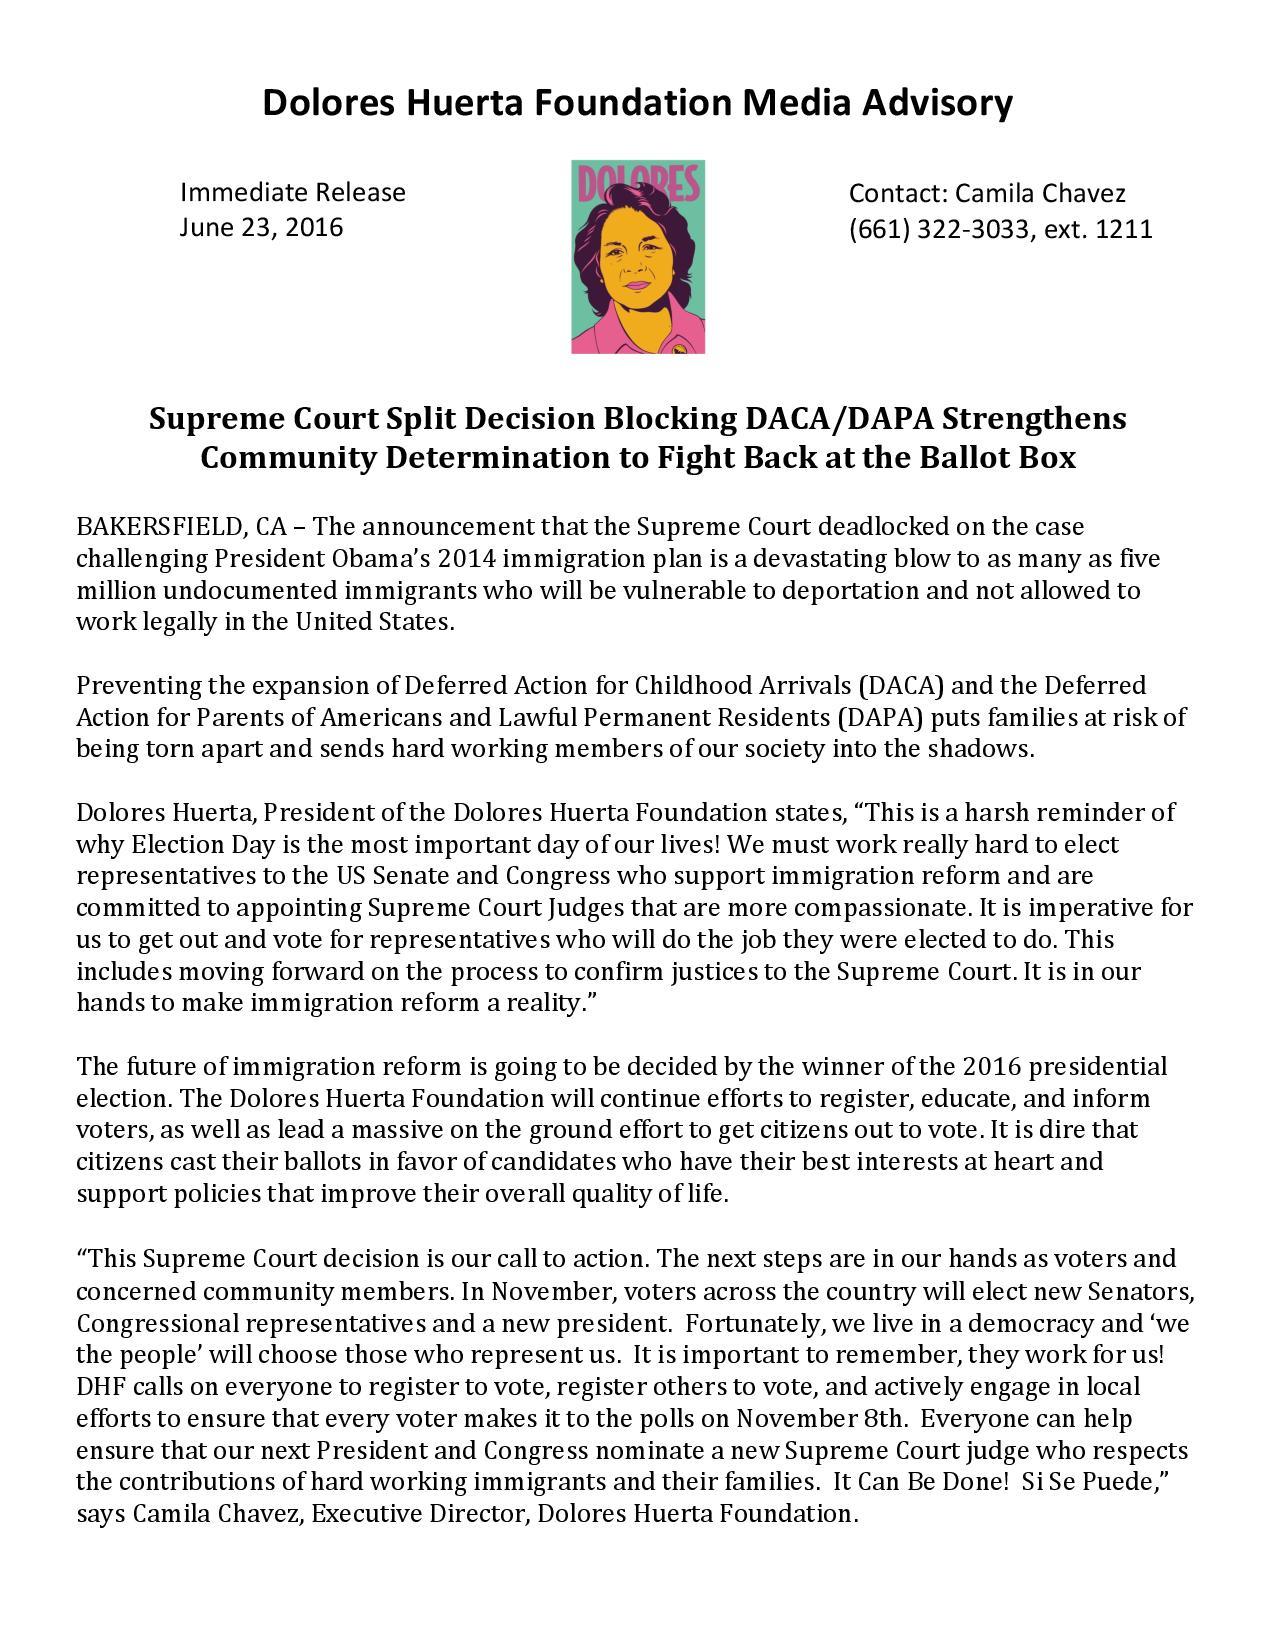 Media Advisory: DACA DAPA Decision 6-23-16